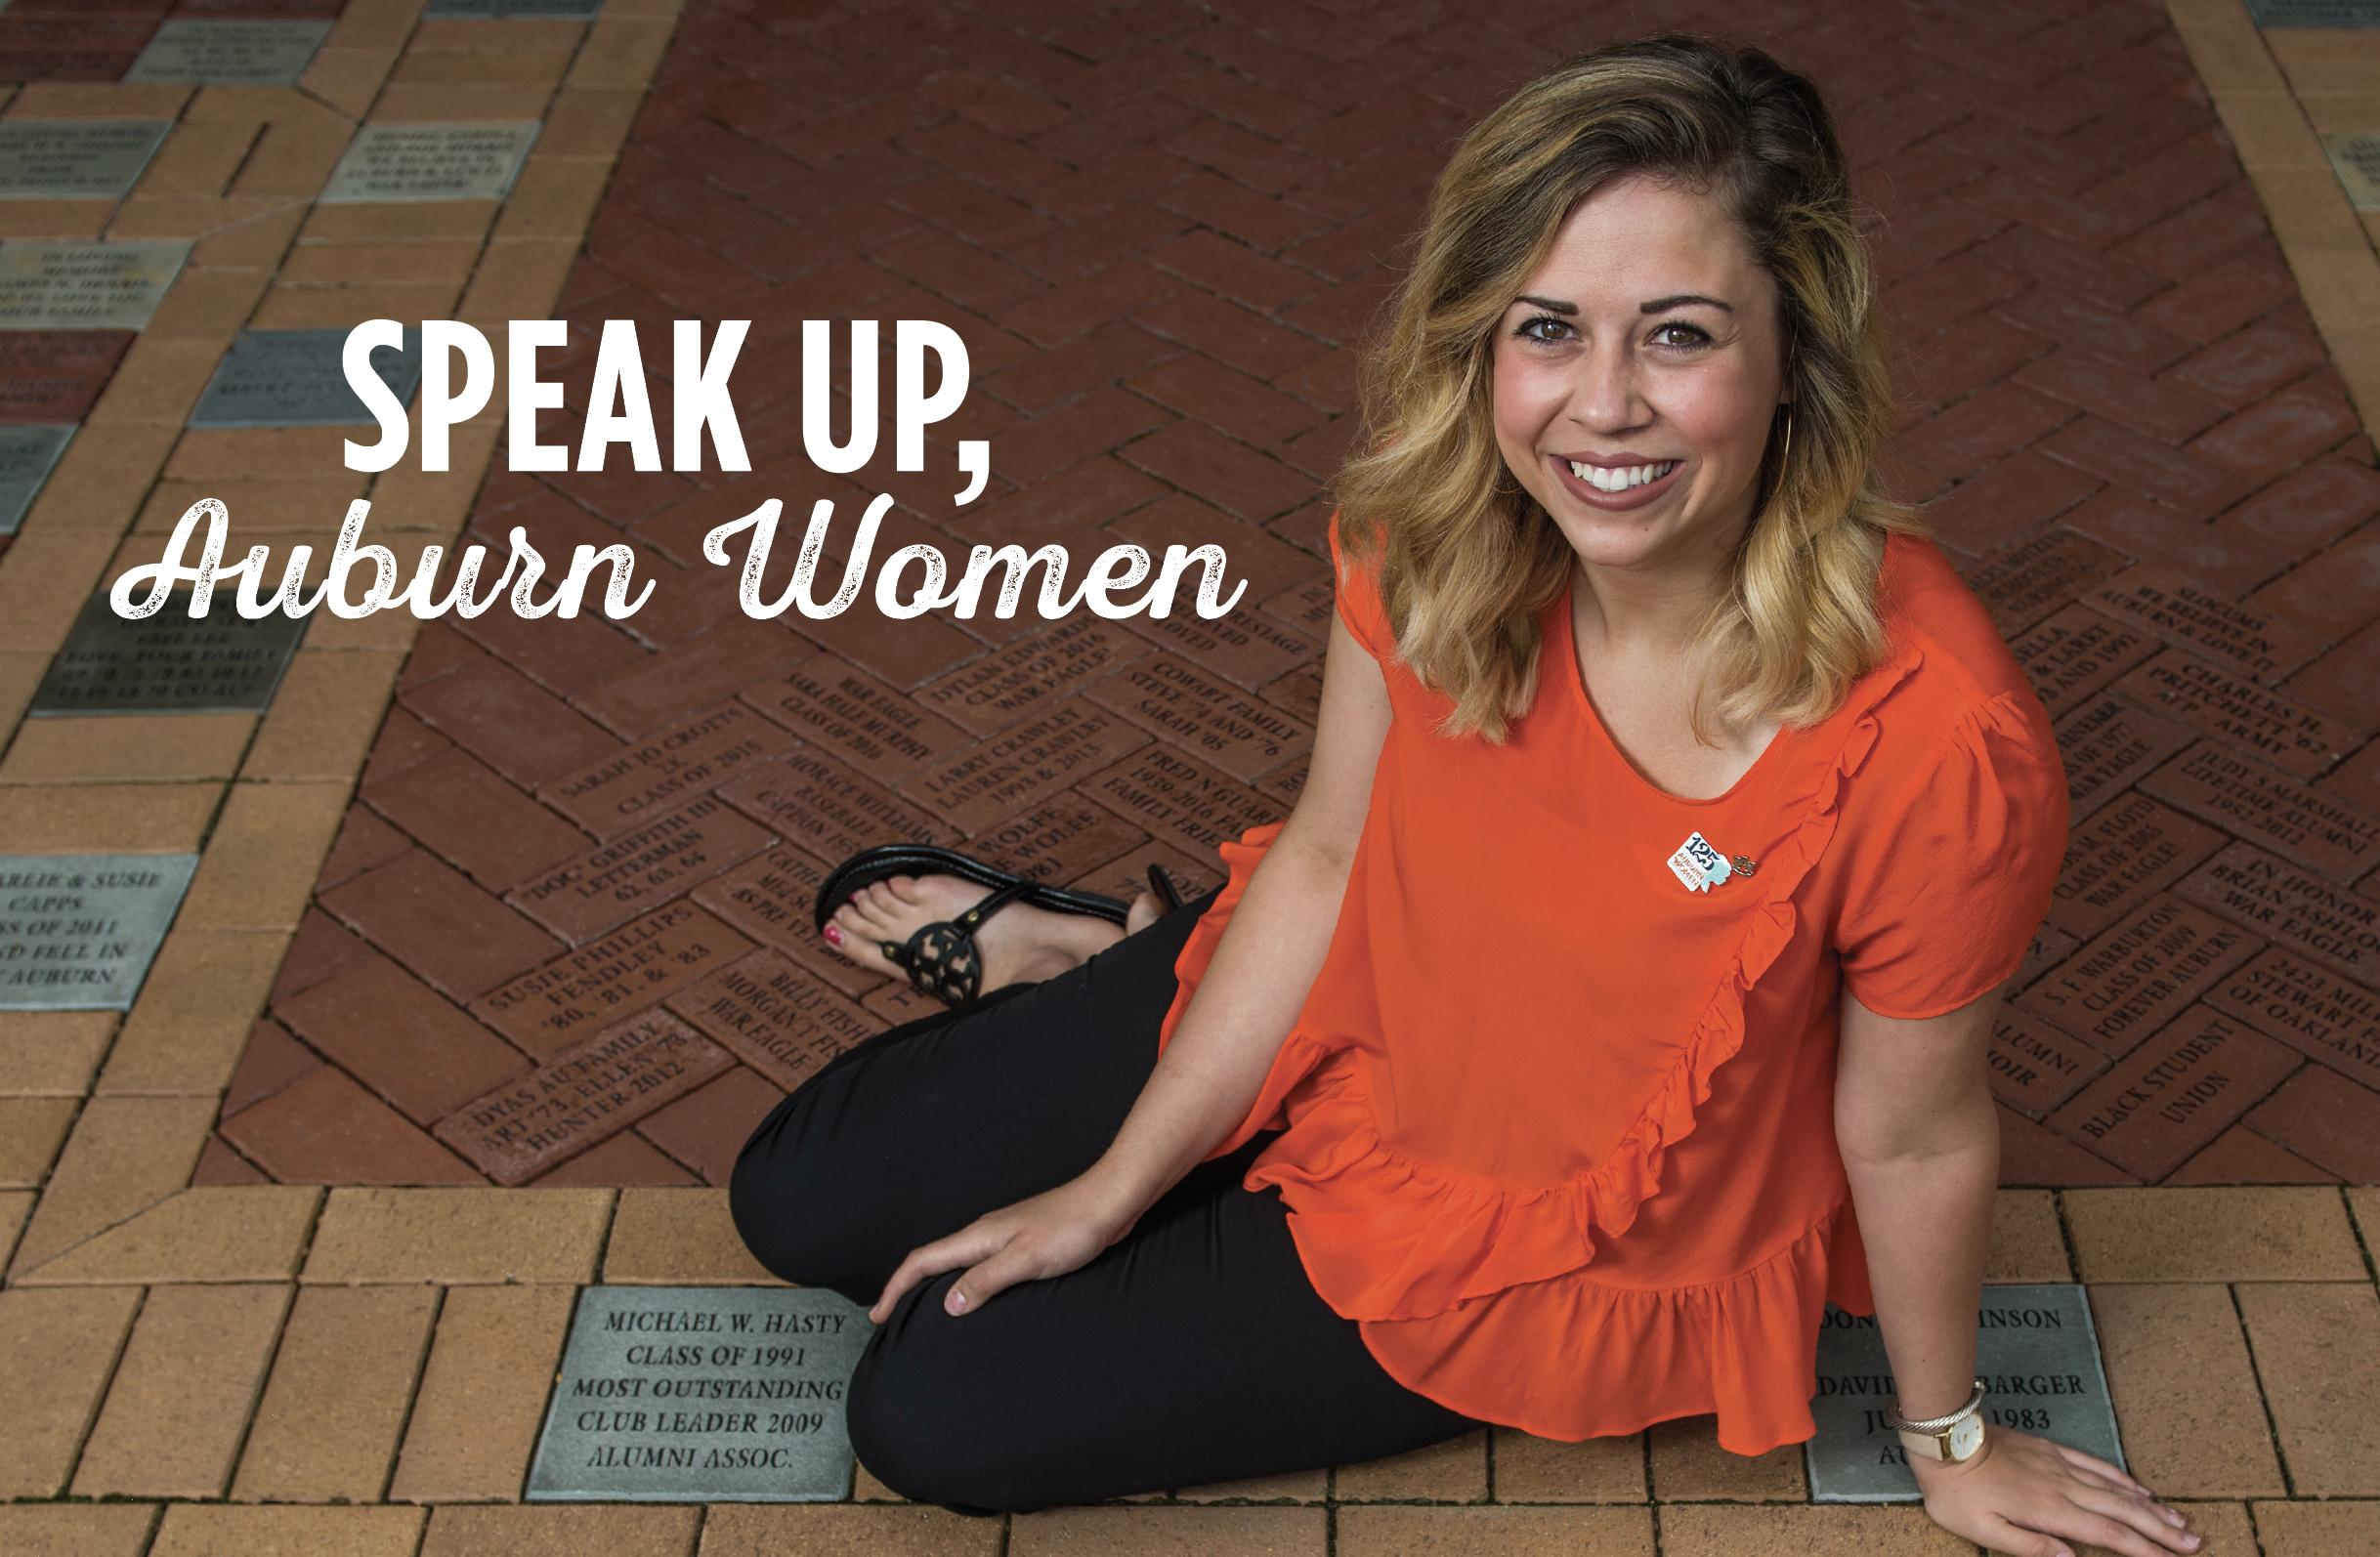 Speak Up, Auburn Women